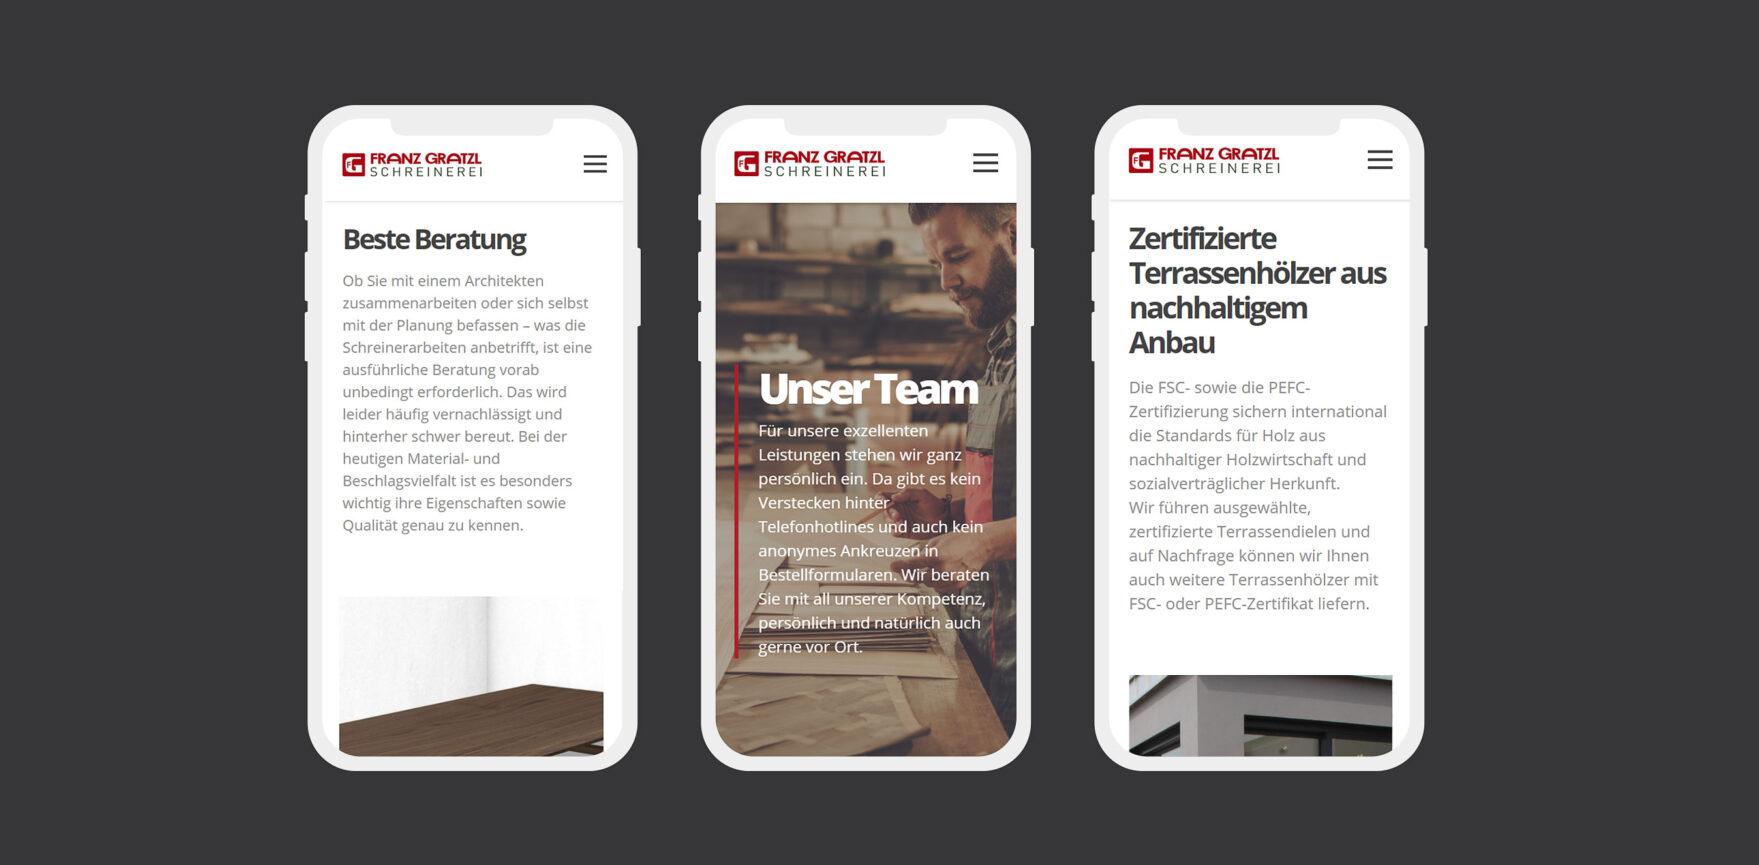 Webseite Franz Gratzl mobile Version